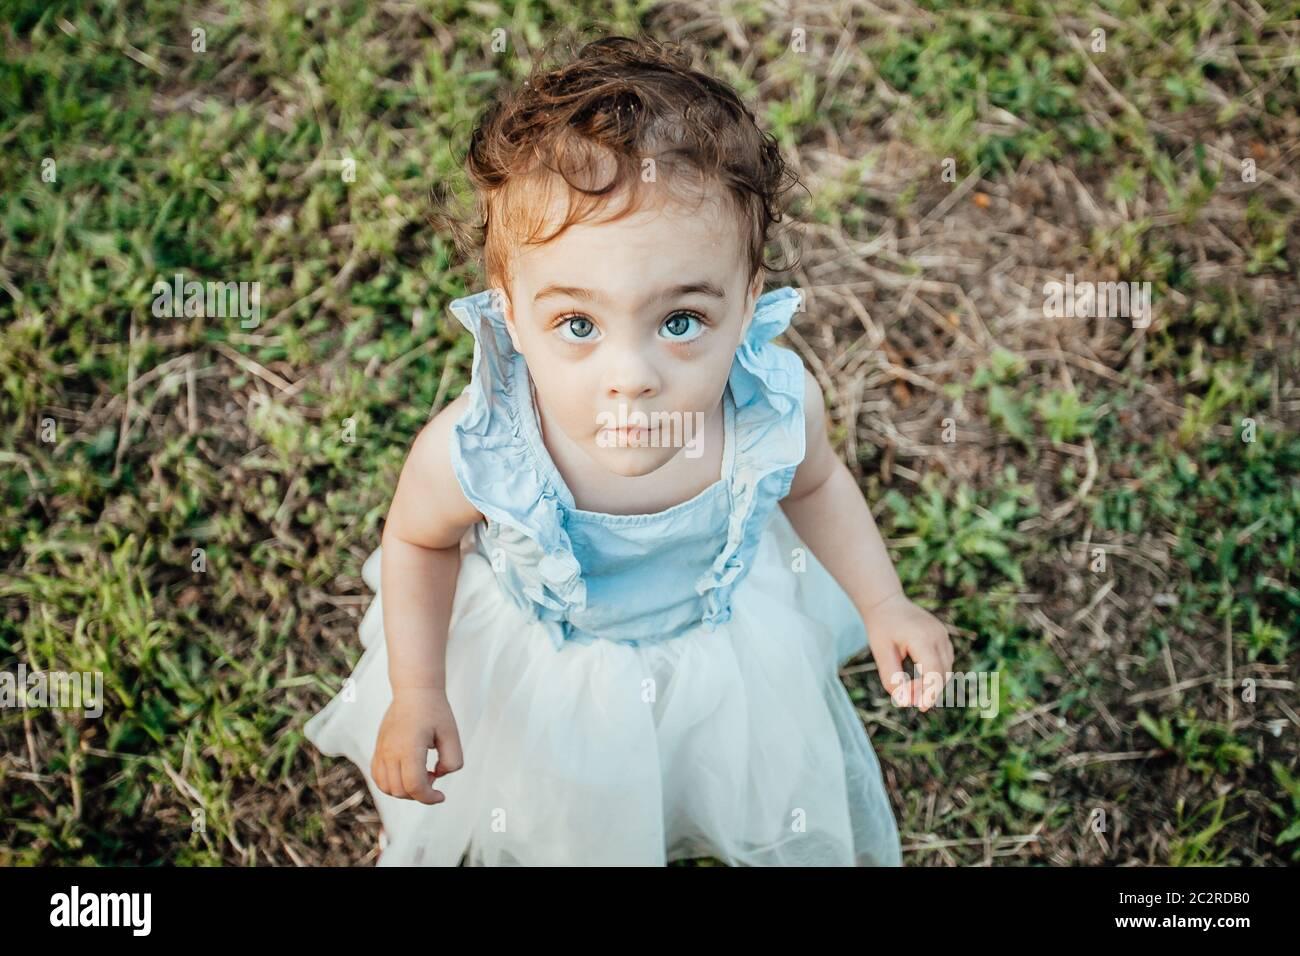 Portrait d'une fille avec des besoins spéciaux qui a besoin d'une famille Banque D'Images